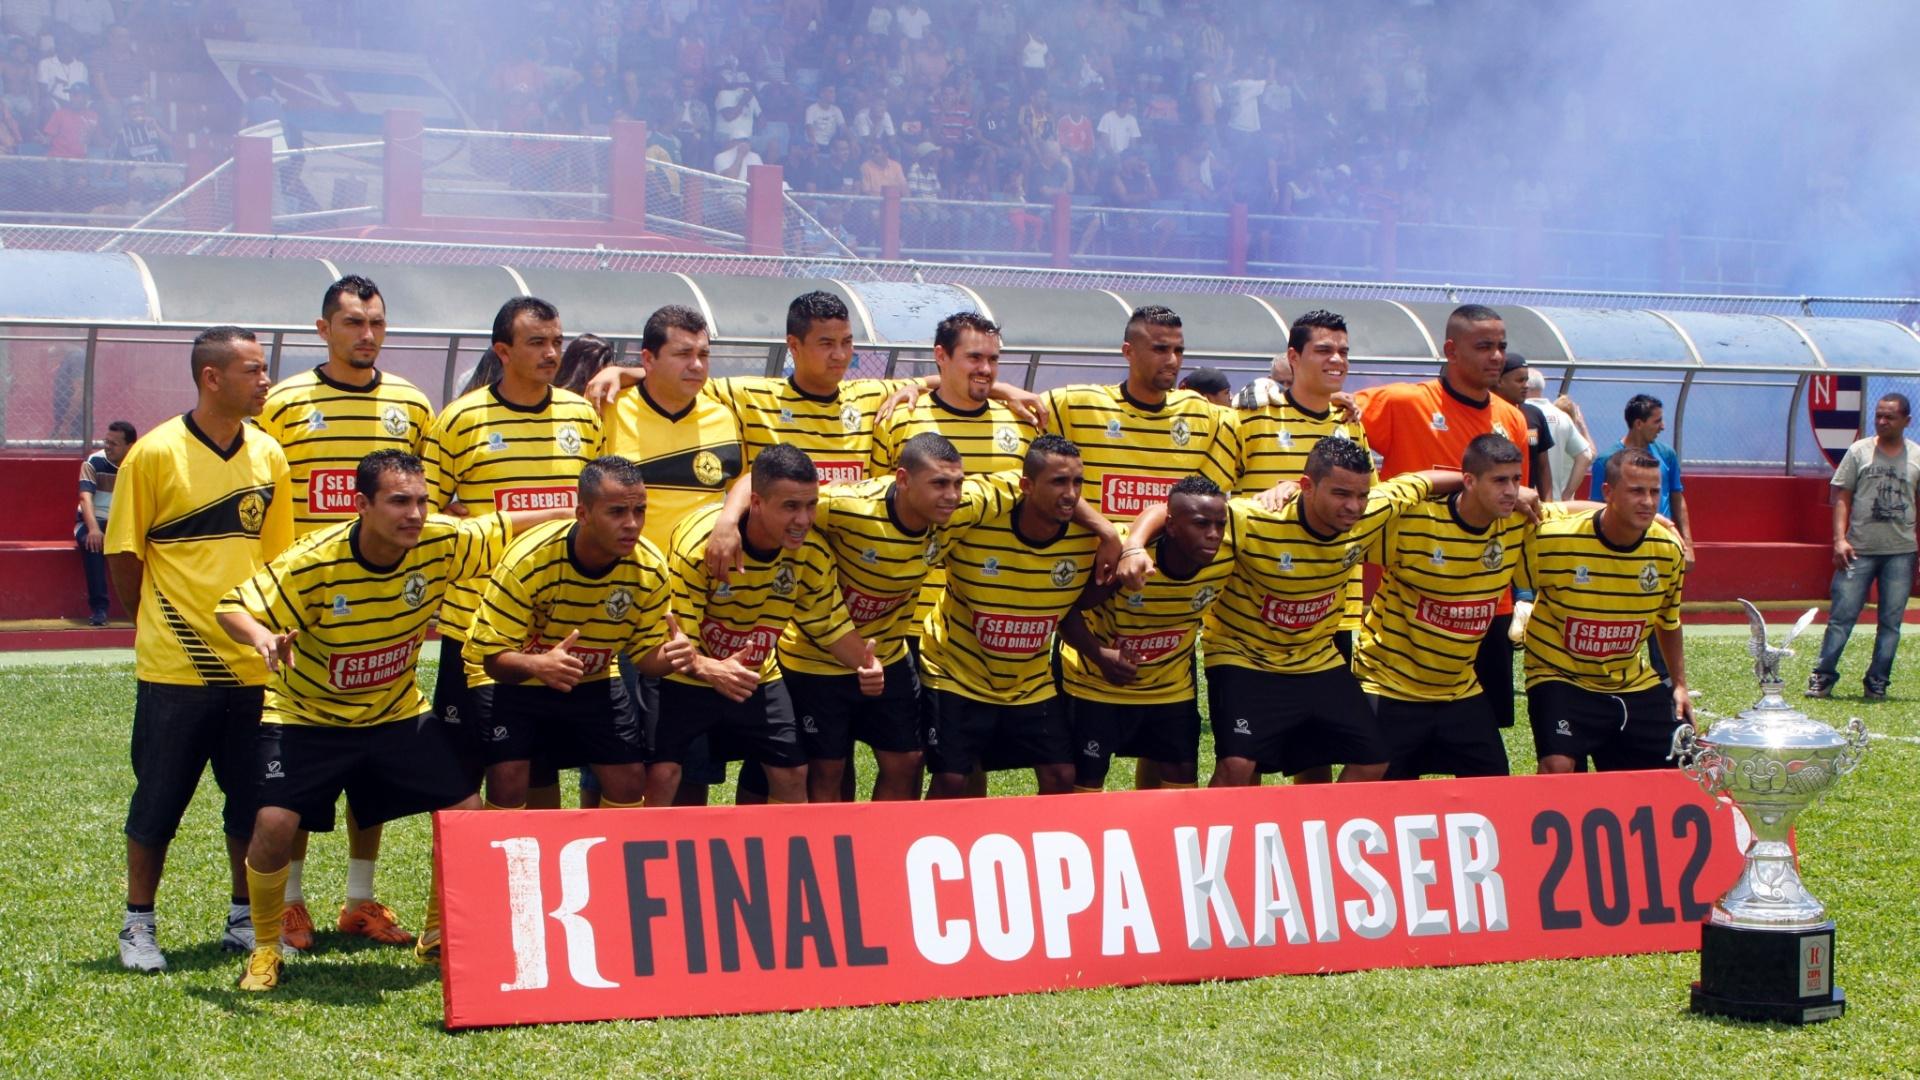 Jogadores do Unidos da Pacarana posam para foto momentos antes do início da partida da final da série B da Copa Kaiser 2012